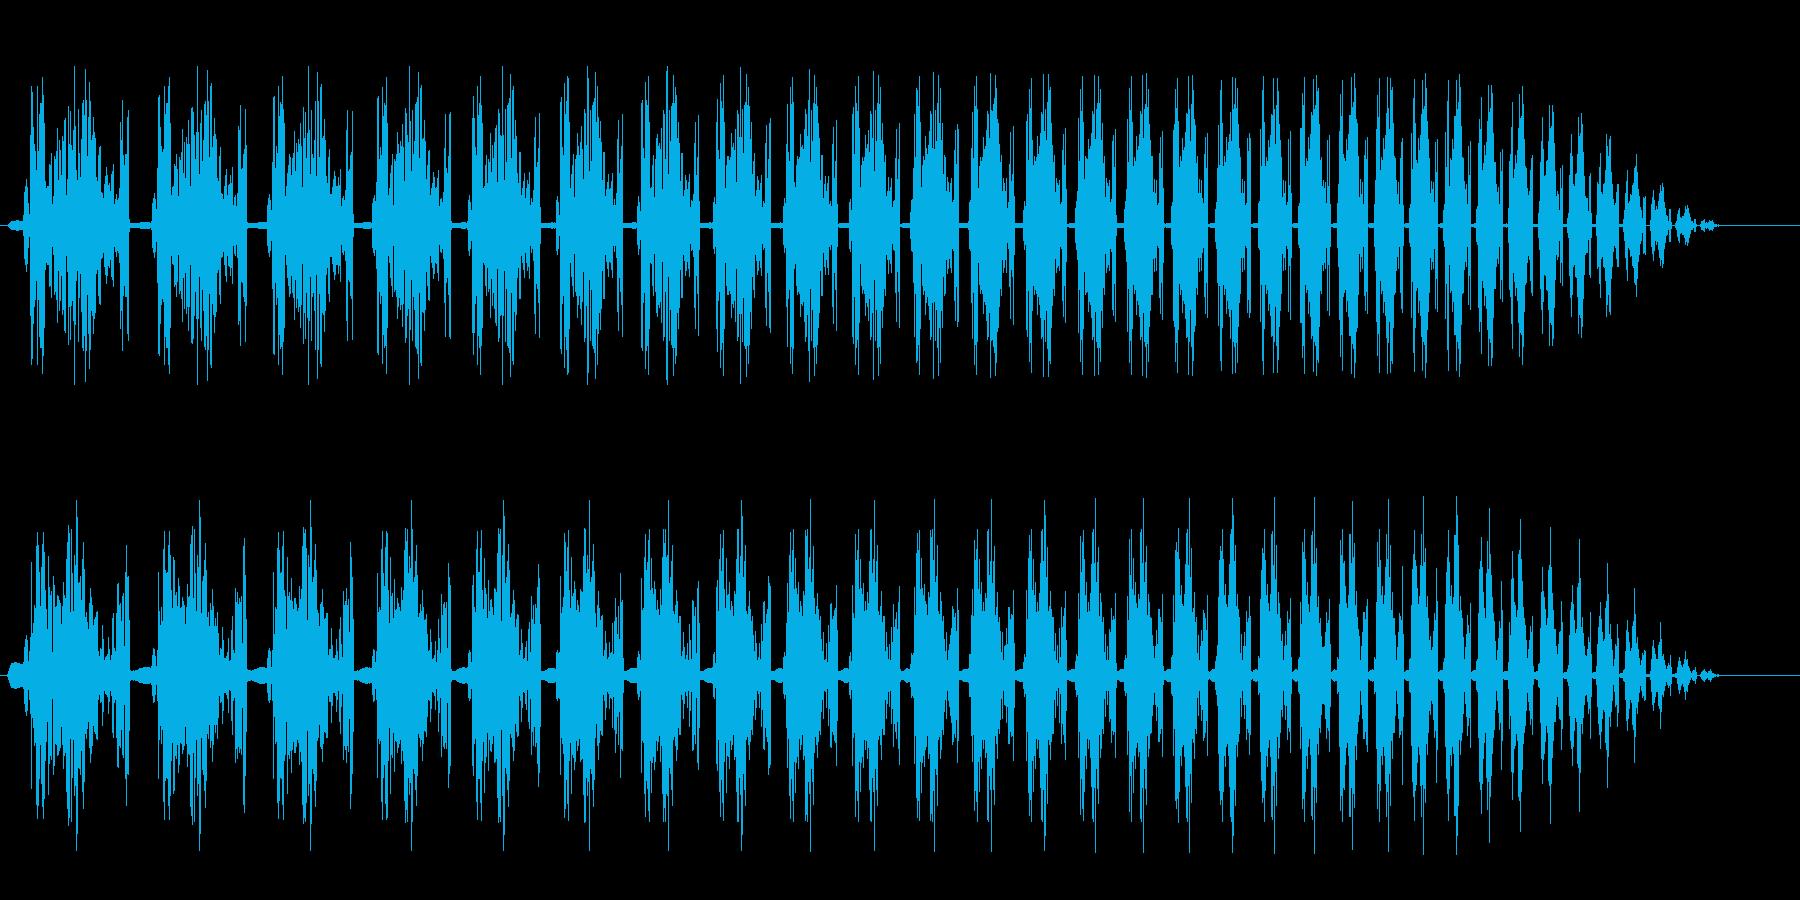 コミカル(プロペラ旋回音のような効果音)の再生済みの波形